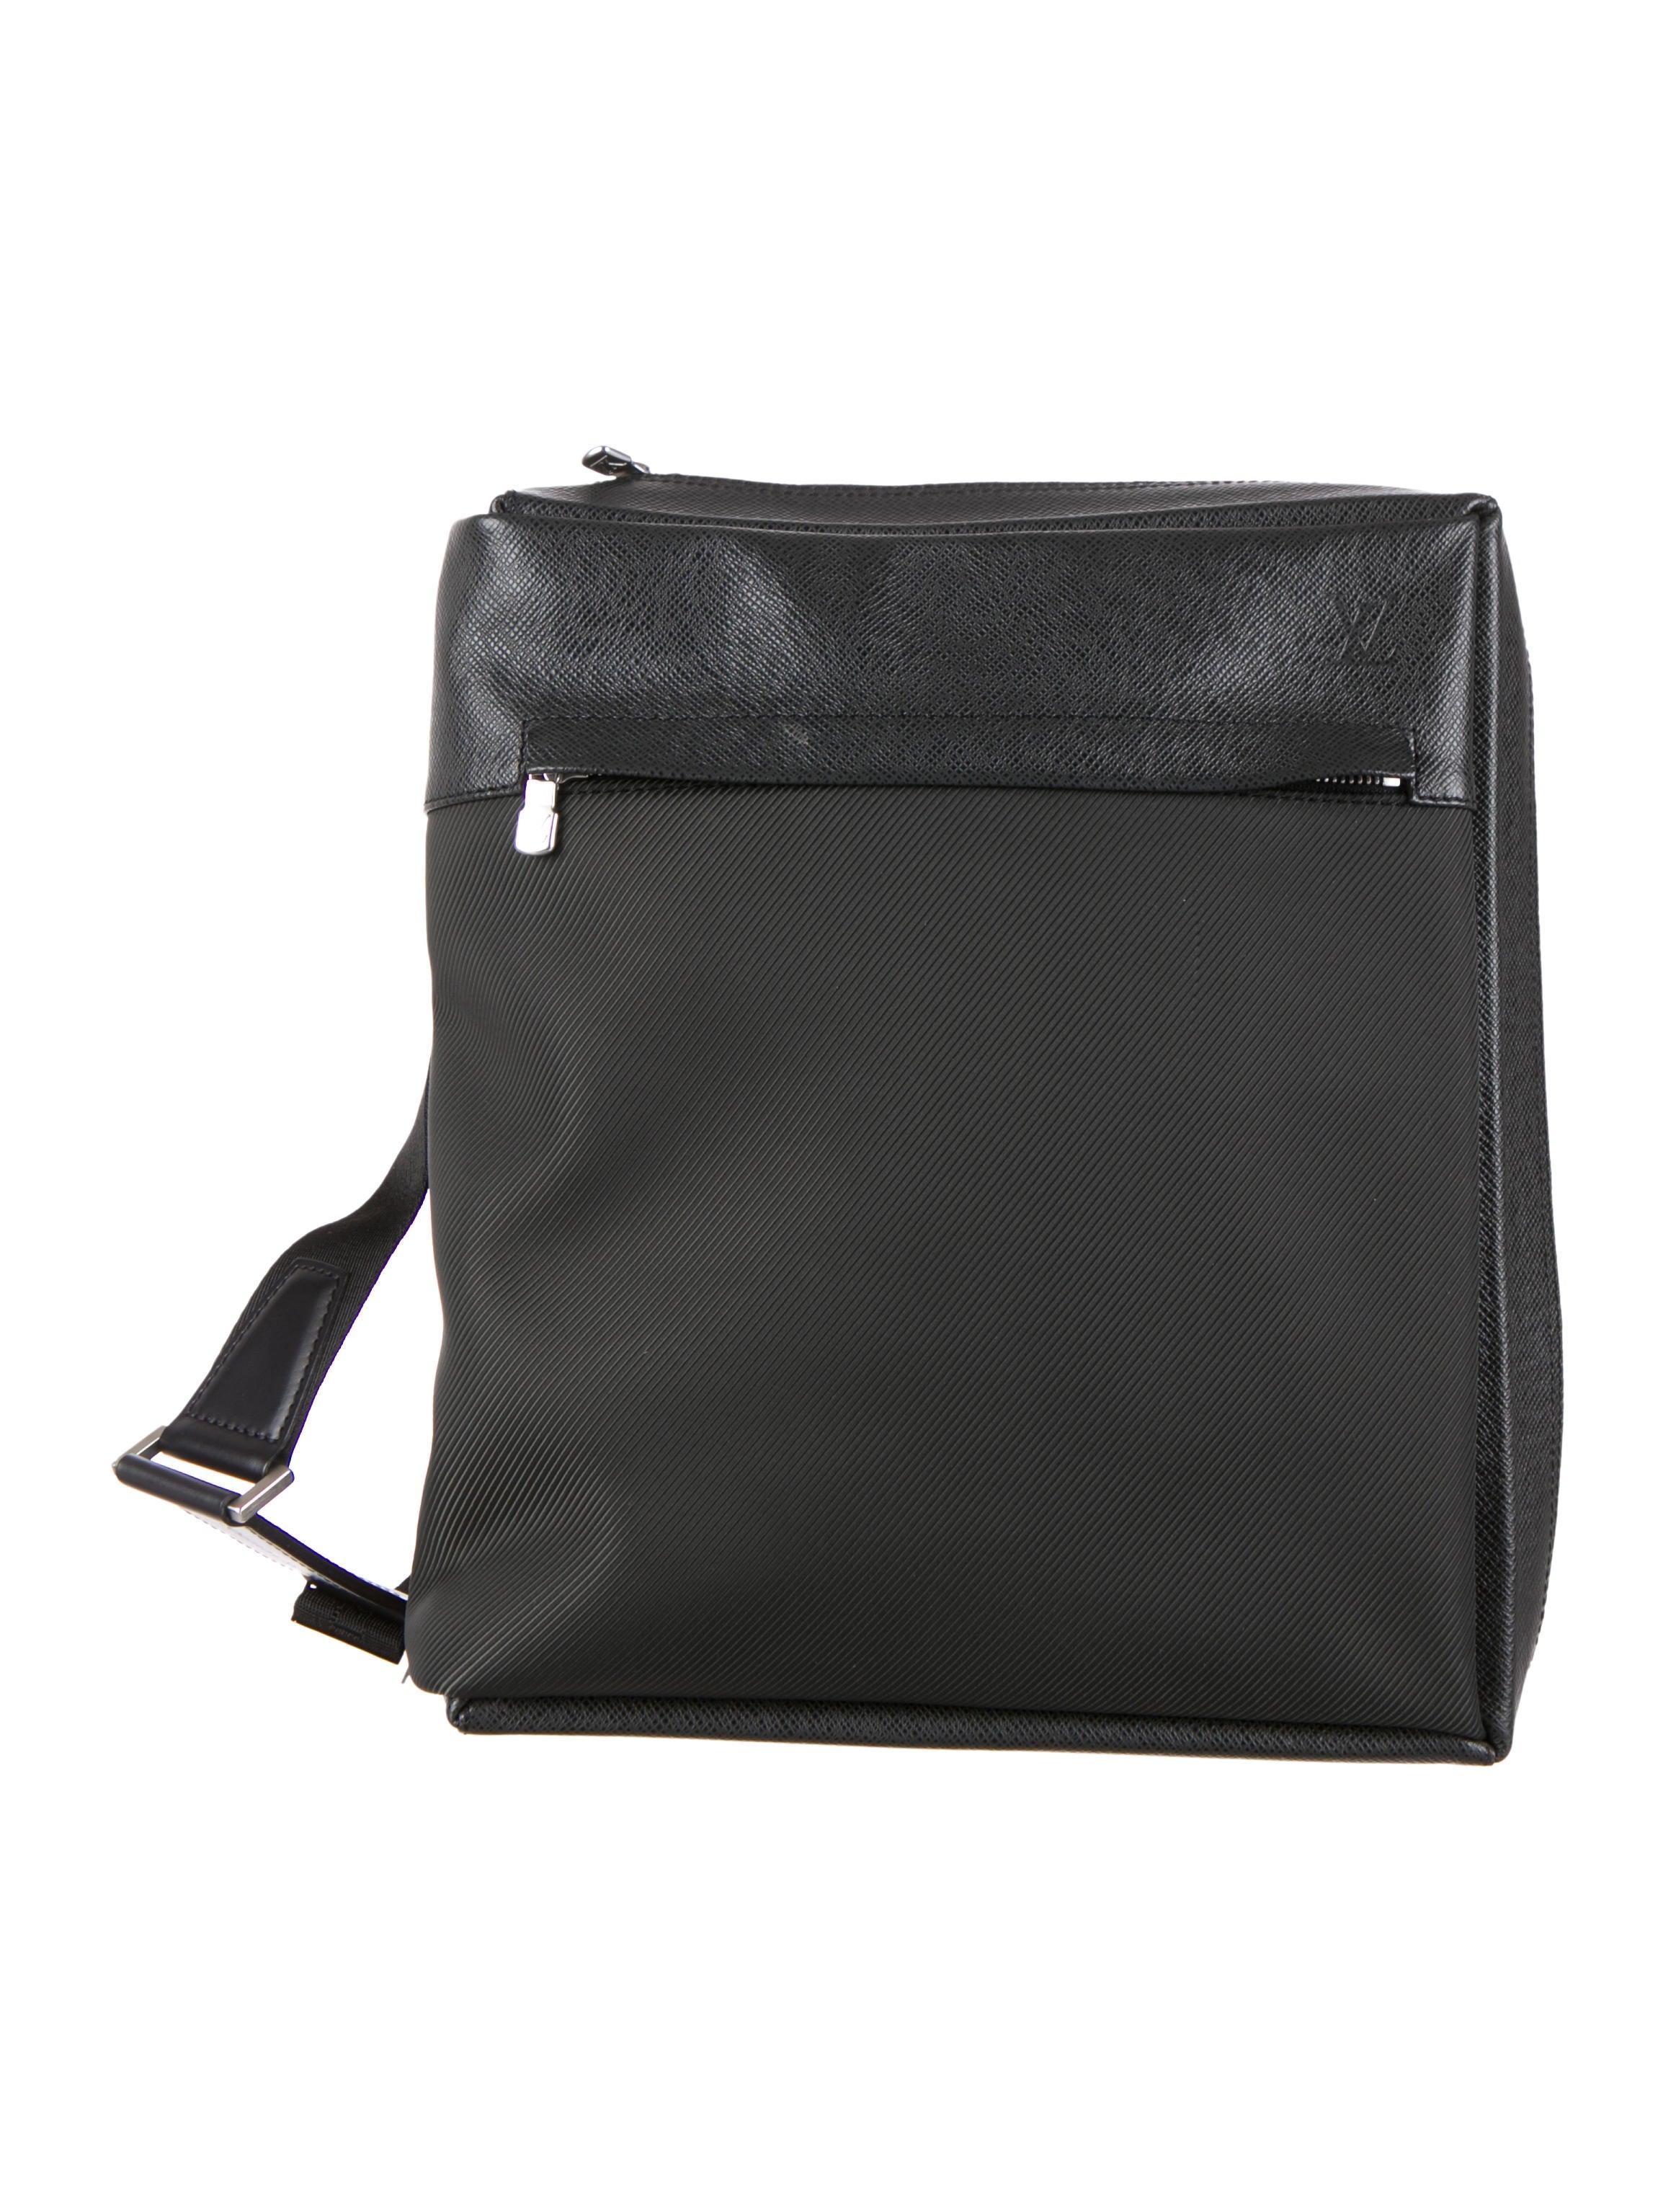 Louis Vuitton Beloukha Messenger - Bags - LOU48657  d907bdb6013af